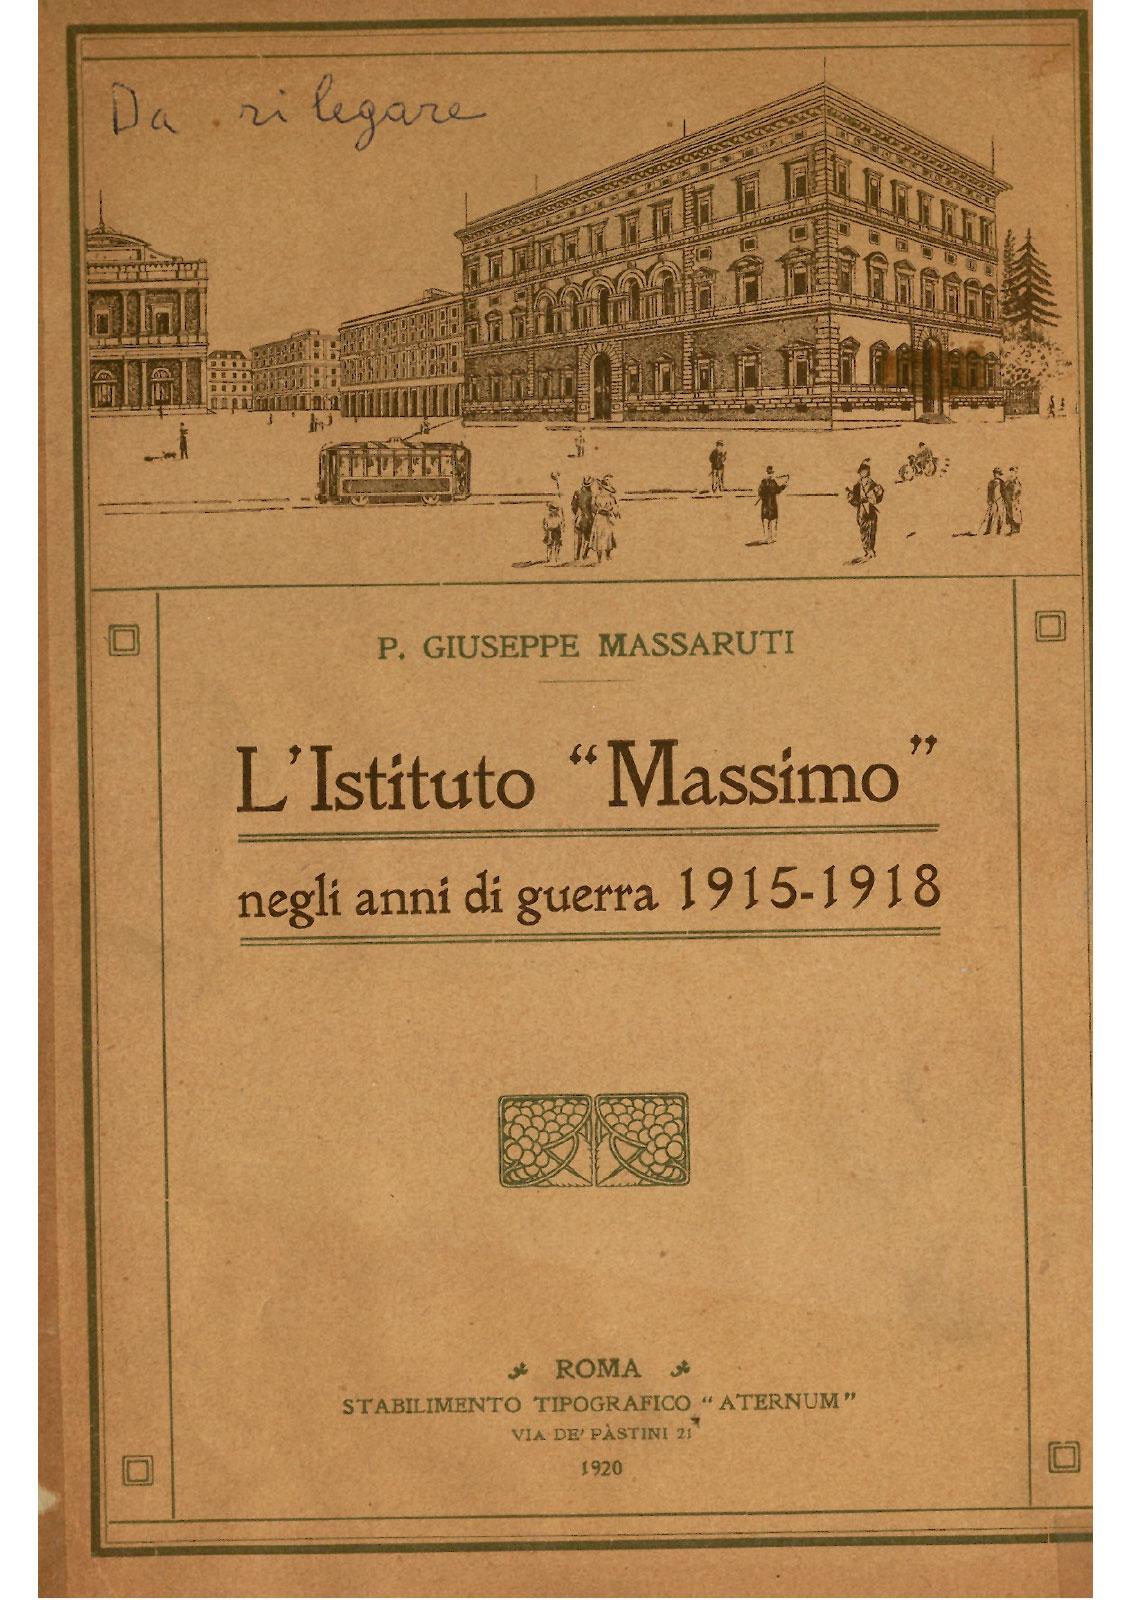 hausmann 1915